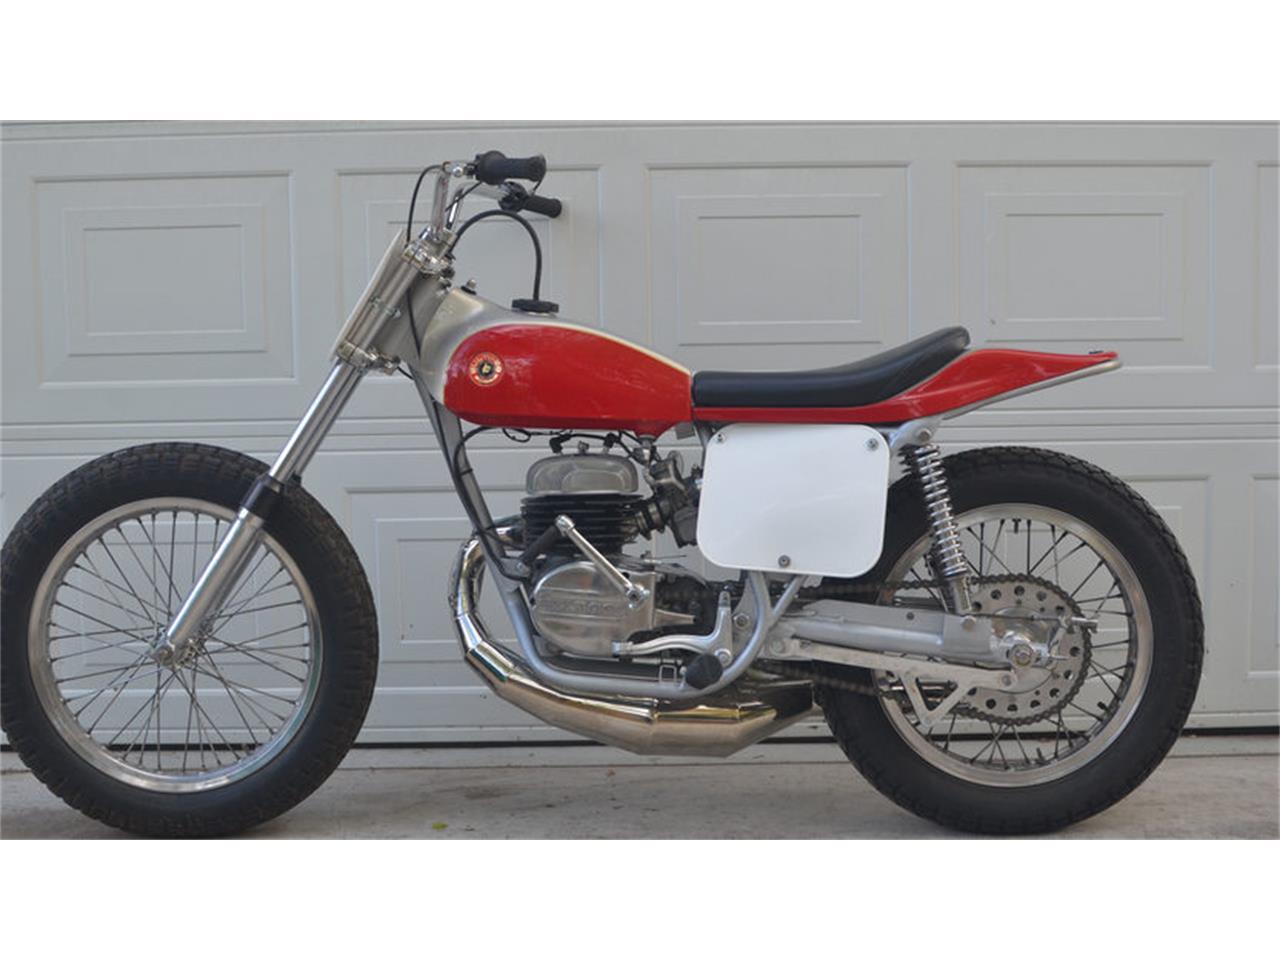 1974 Bultaco Pursang 125 for Sale | ClassicCars com | CC-929385